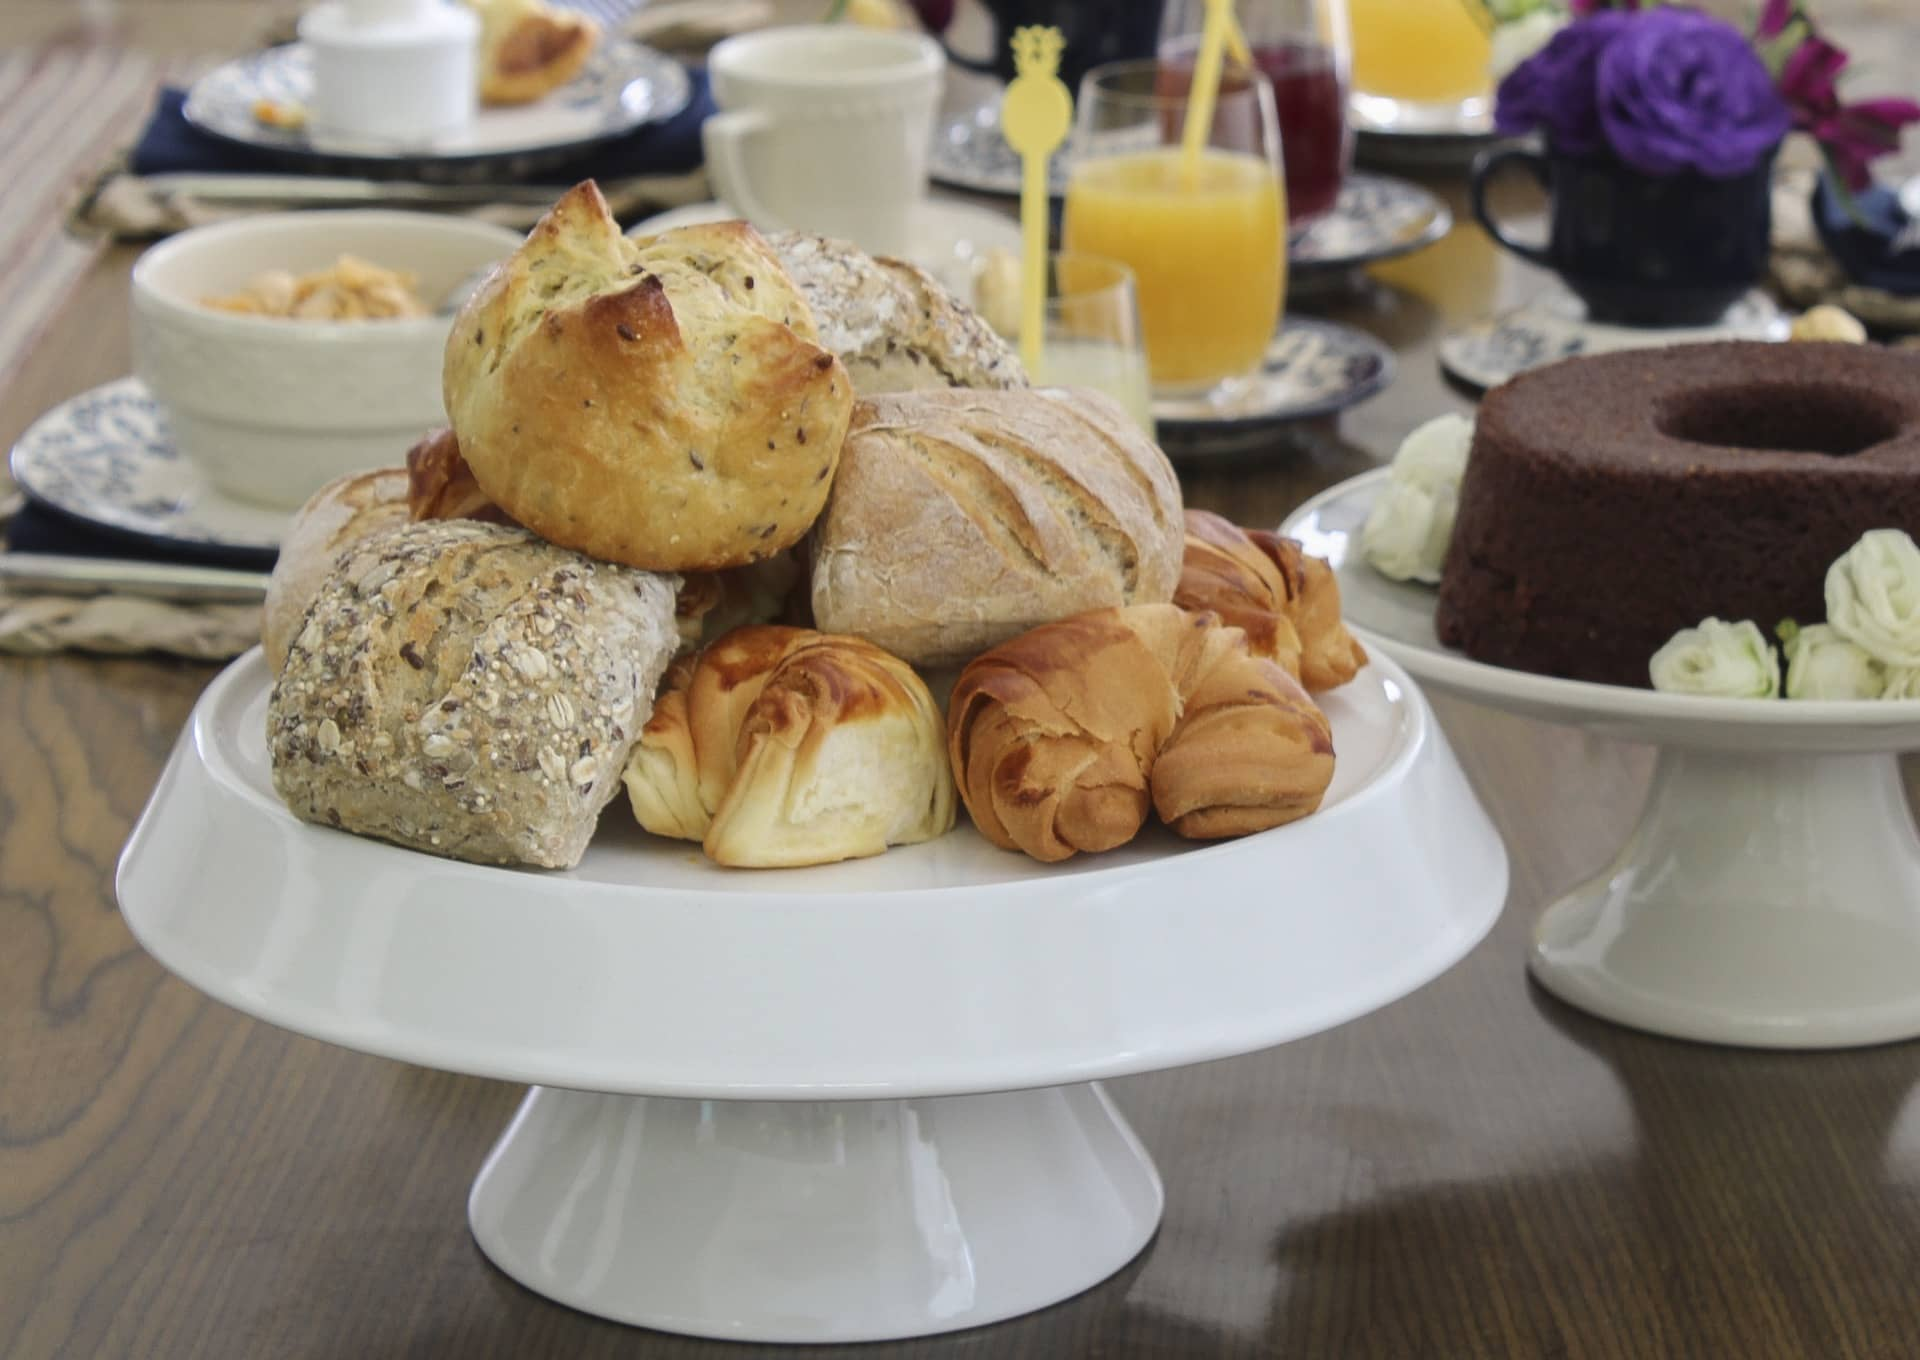 Imagem: No lugar de uma cesta de pães, use um prato de bolo para dar altura. Empilhados, os pãezinhos de diferentes formatos ficam com cara de festa. Prato de bolo Tower da Oxford Porcelanas. Foto: Cacá Bratke